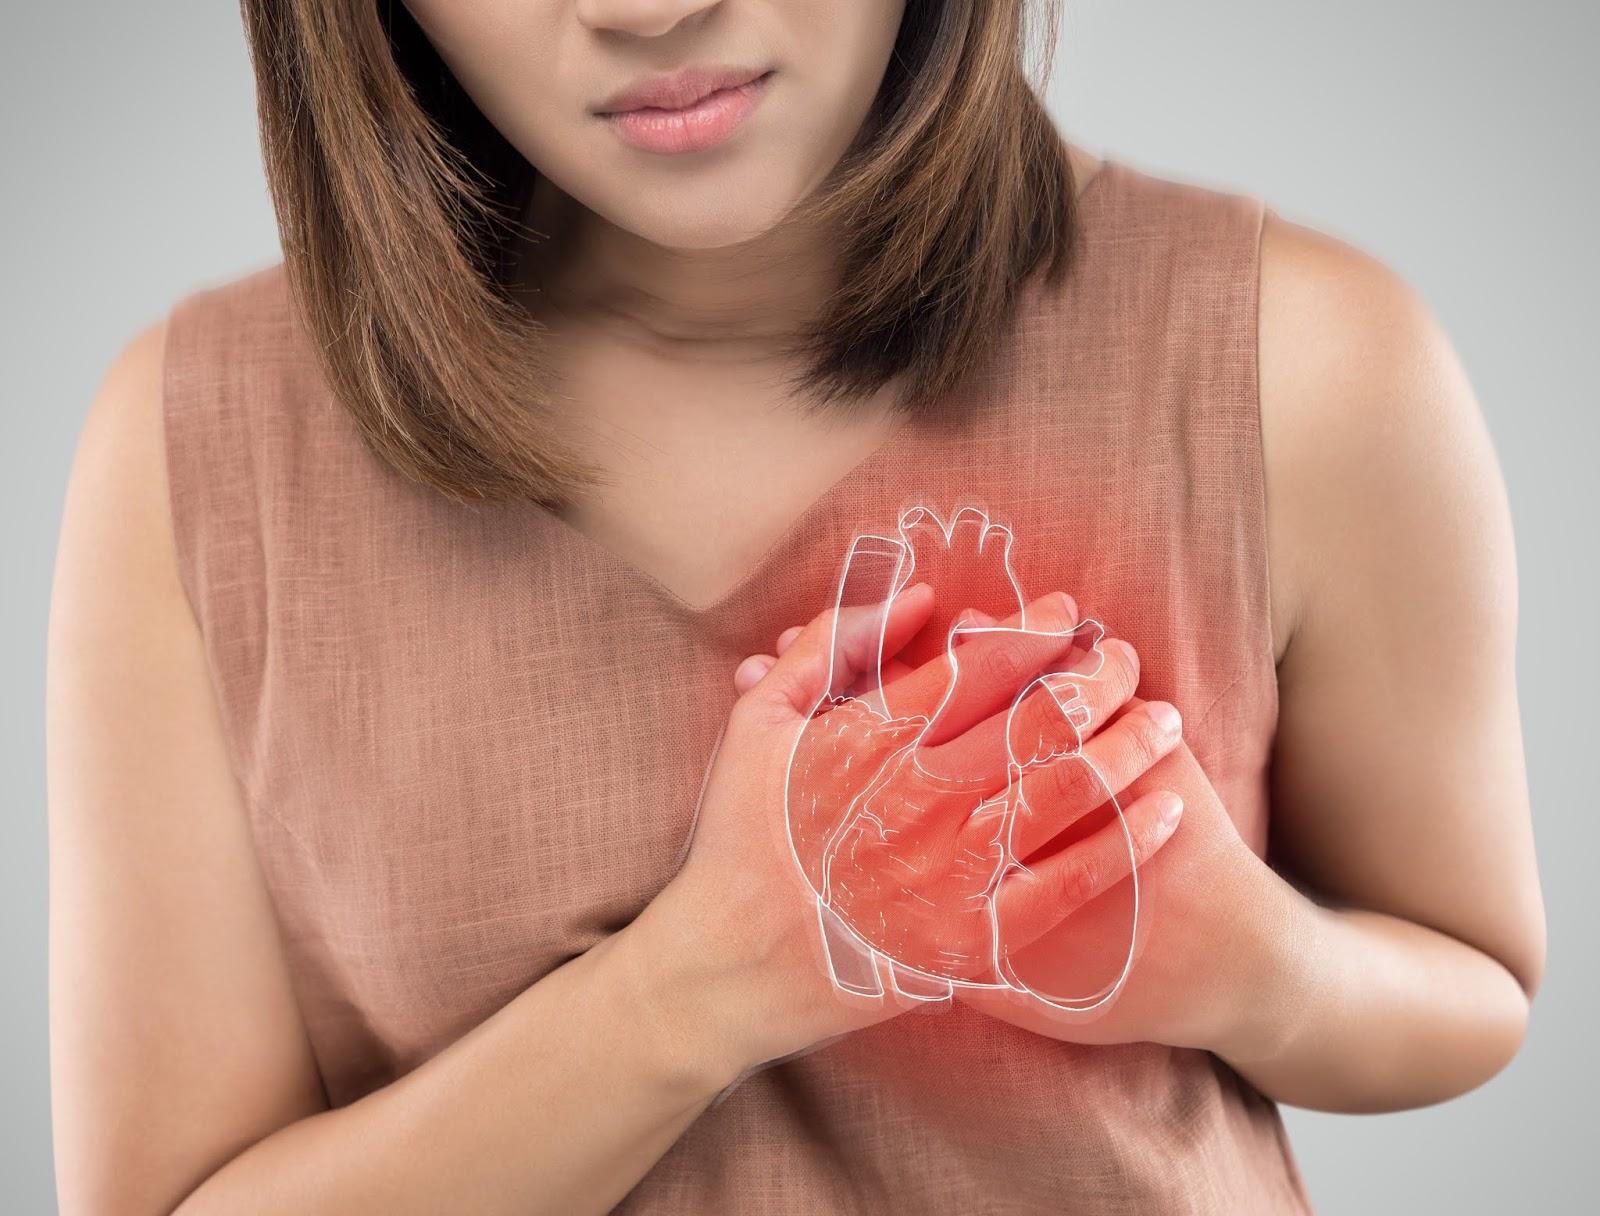 Enfermedades cardiovasculares primera causa de muerte en el Ecuador